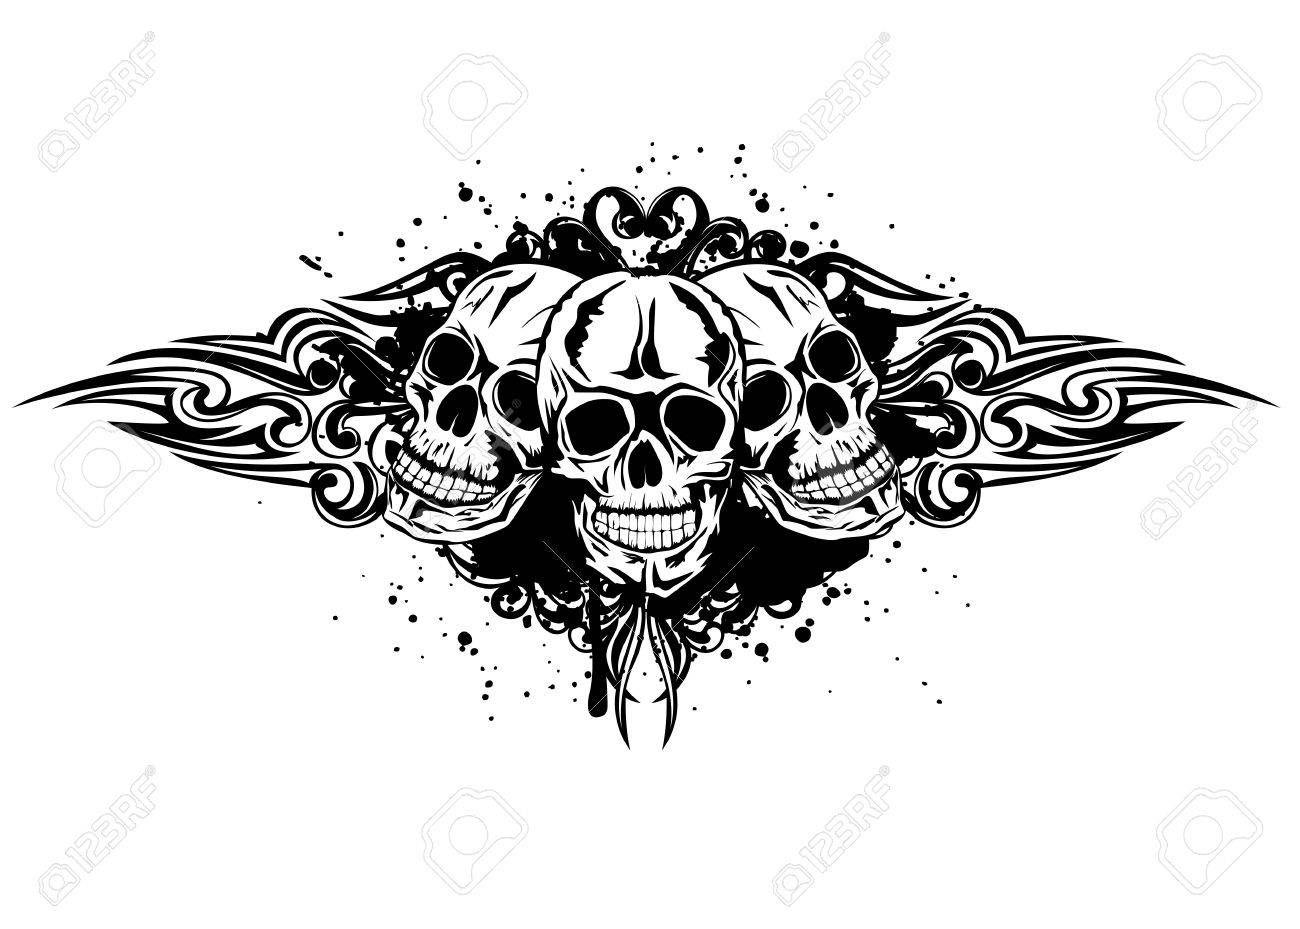 Vector Illustration Three Skulls And Patterns Skull Vector Illustration Inspirational Tattoos